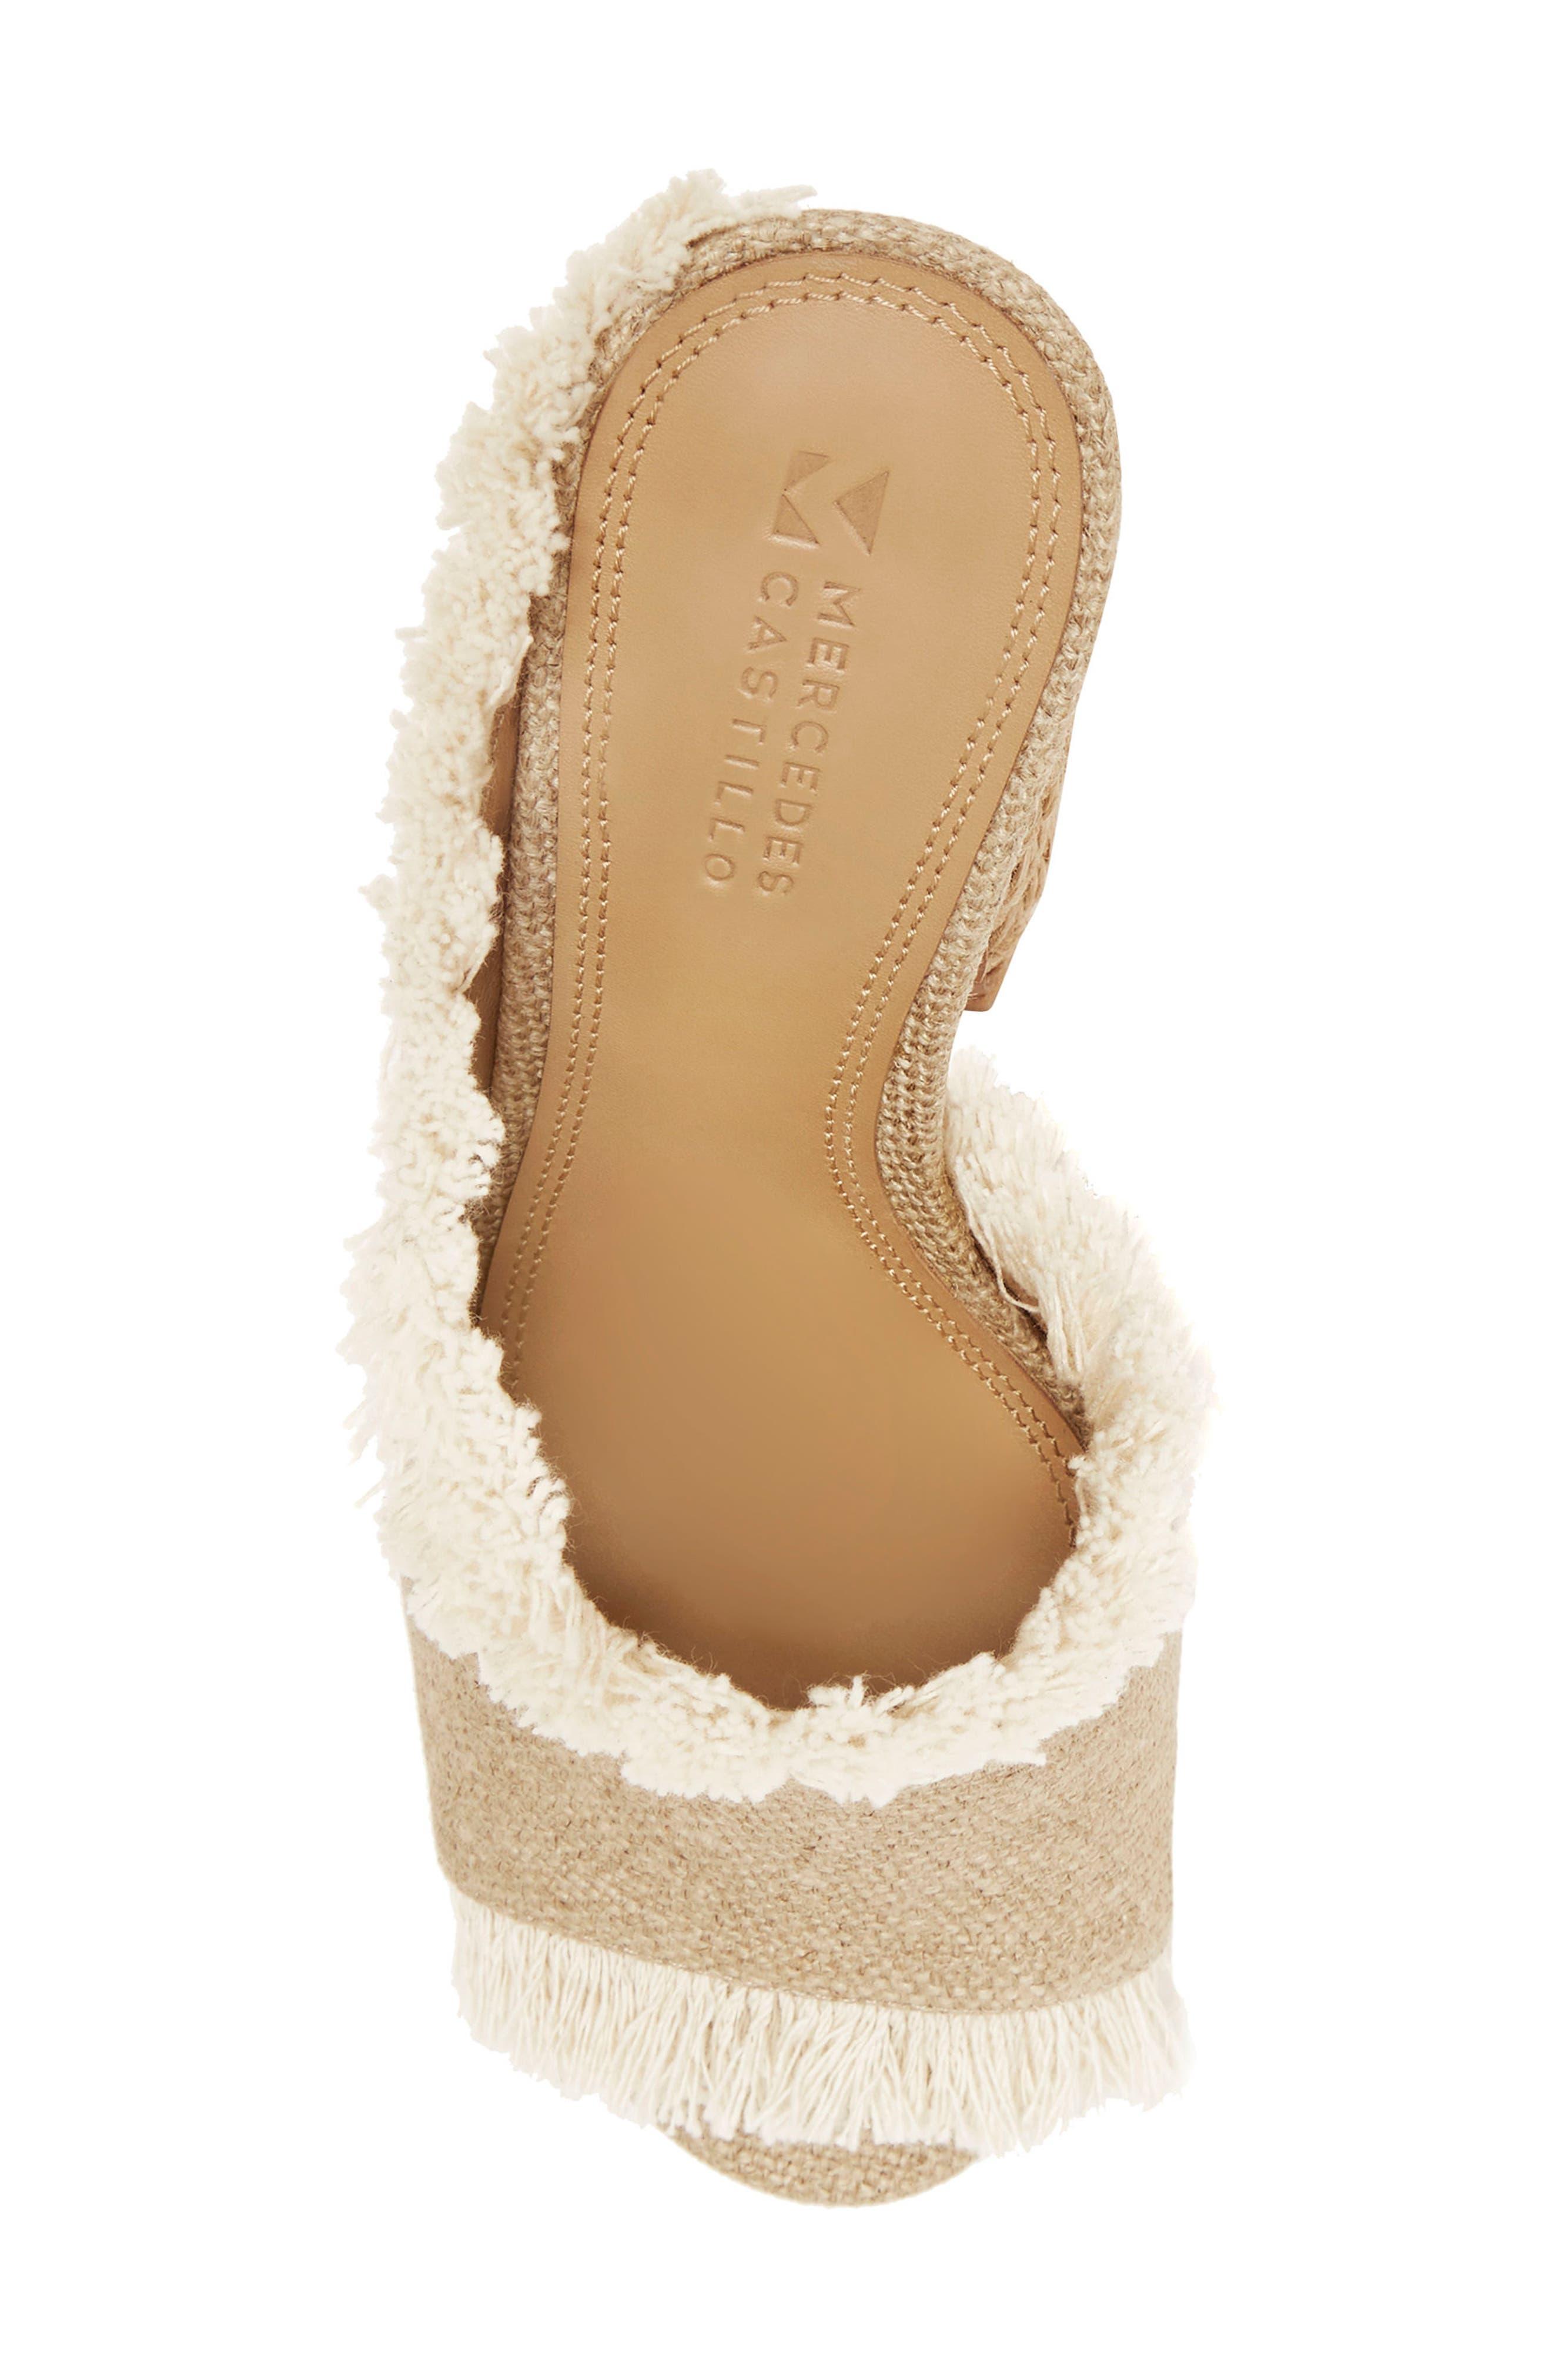 Izar Fringe Asymmetrical Sandal,                             Alternate thumbnail 5, color,                             250